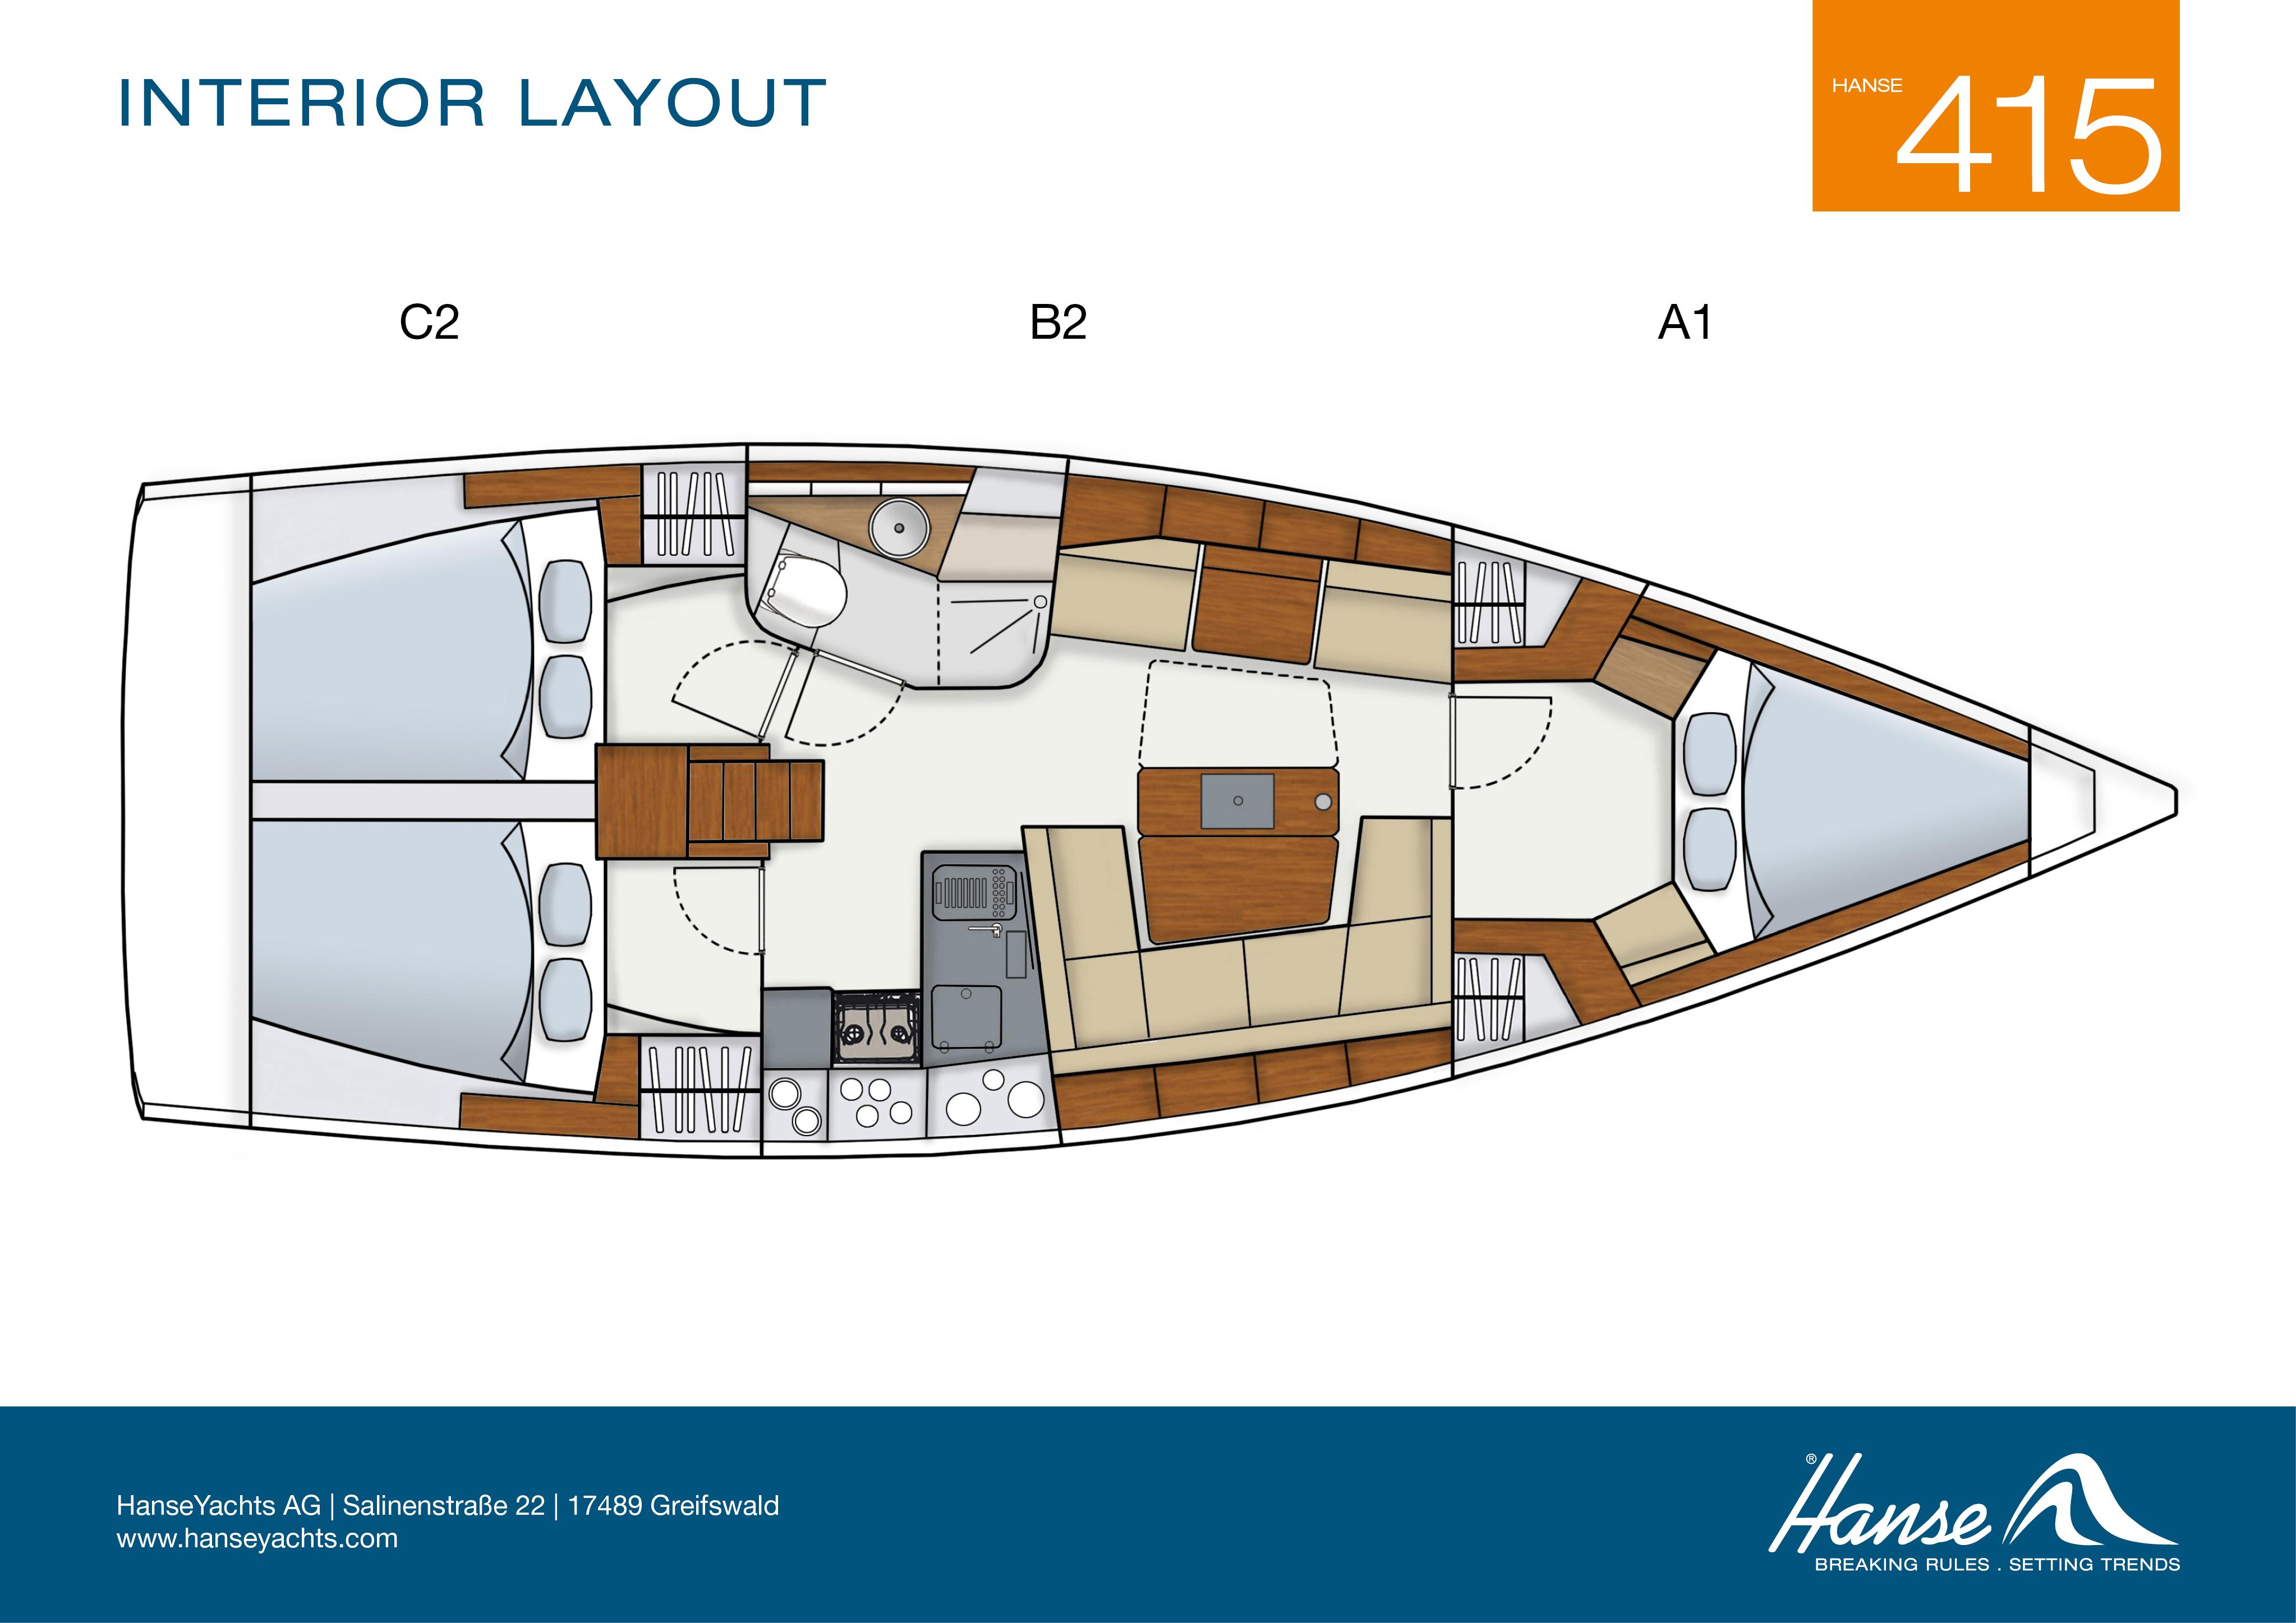 Hanse  - layout-hanse-415-268360.jpg